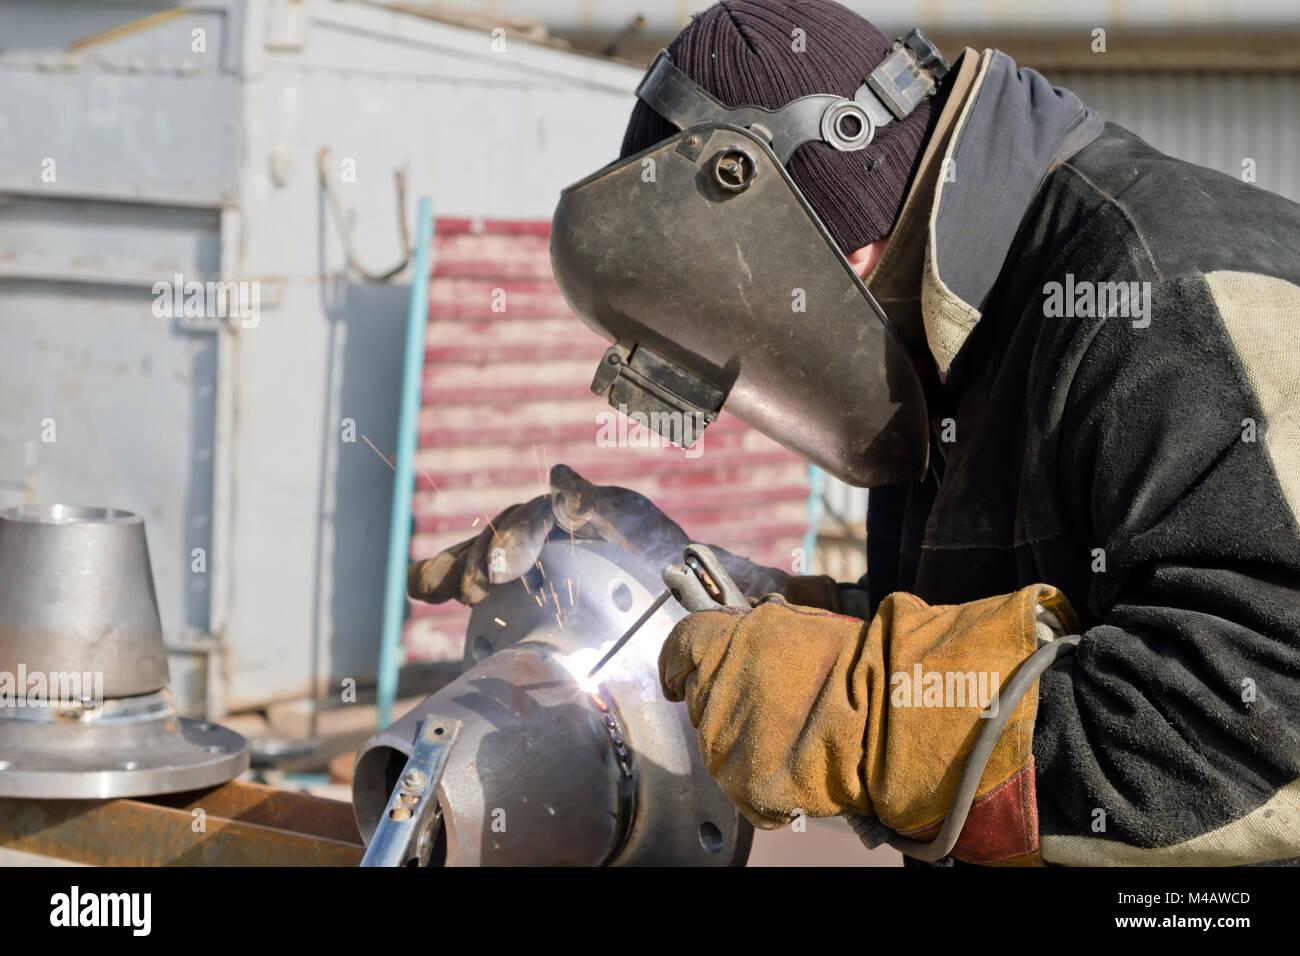 Travaux de soudure sur la fabrication d'unités et pièces de pipelines Photo Stock